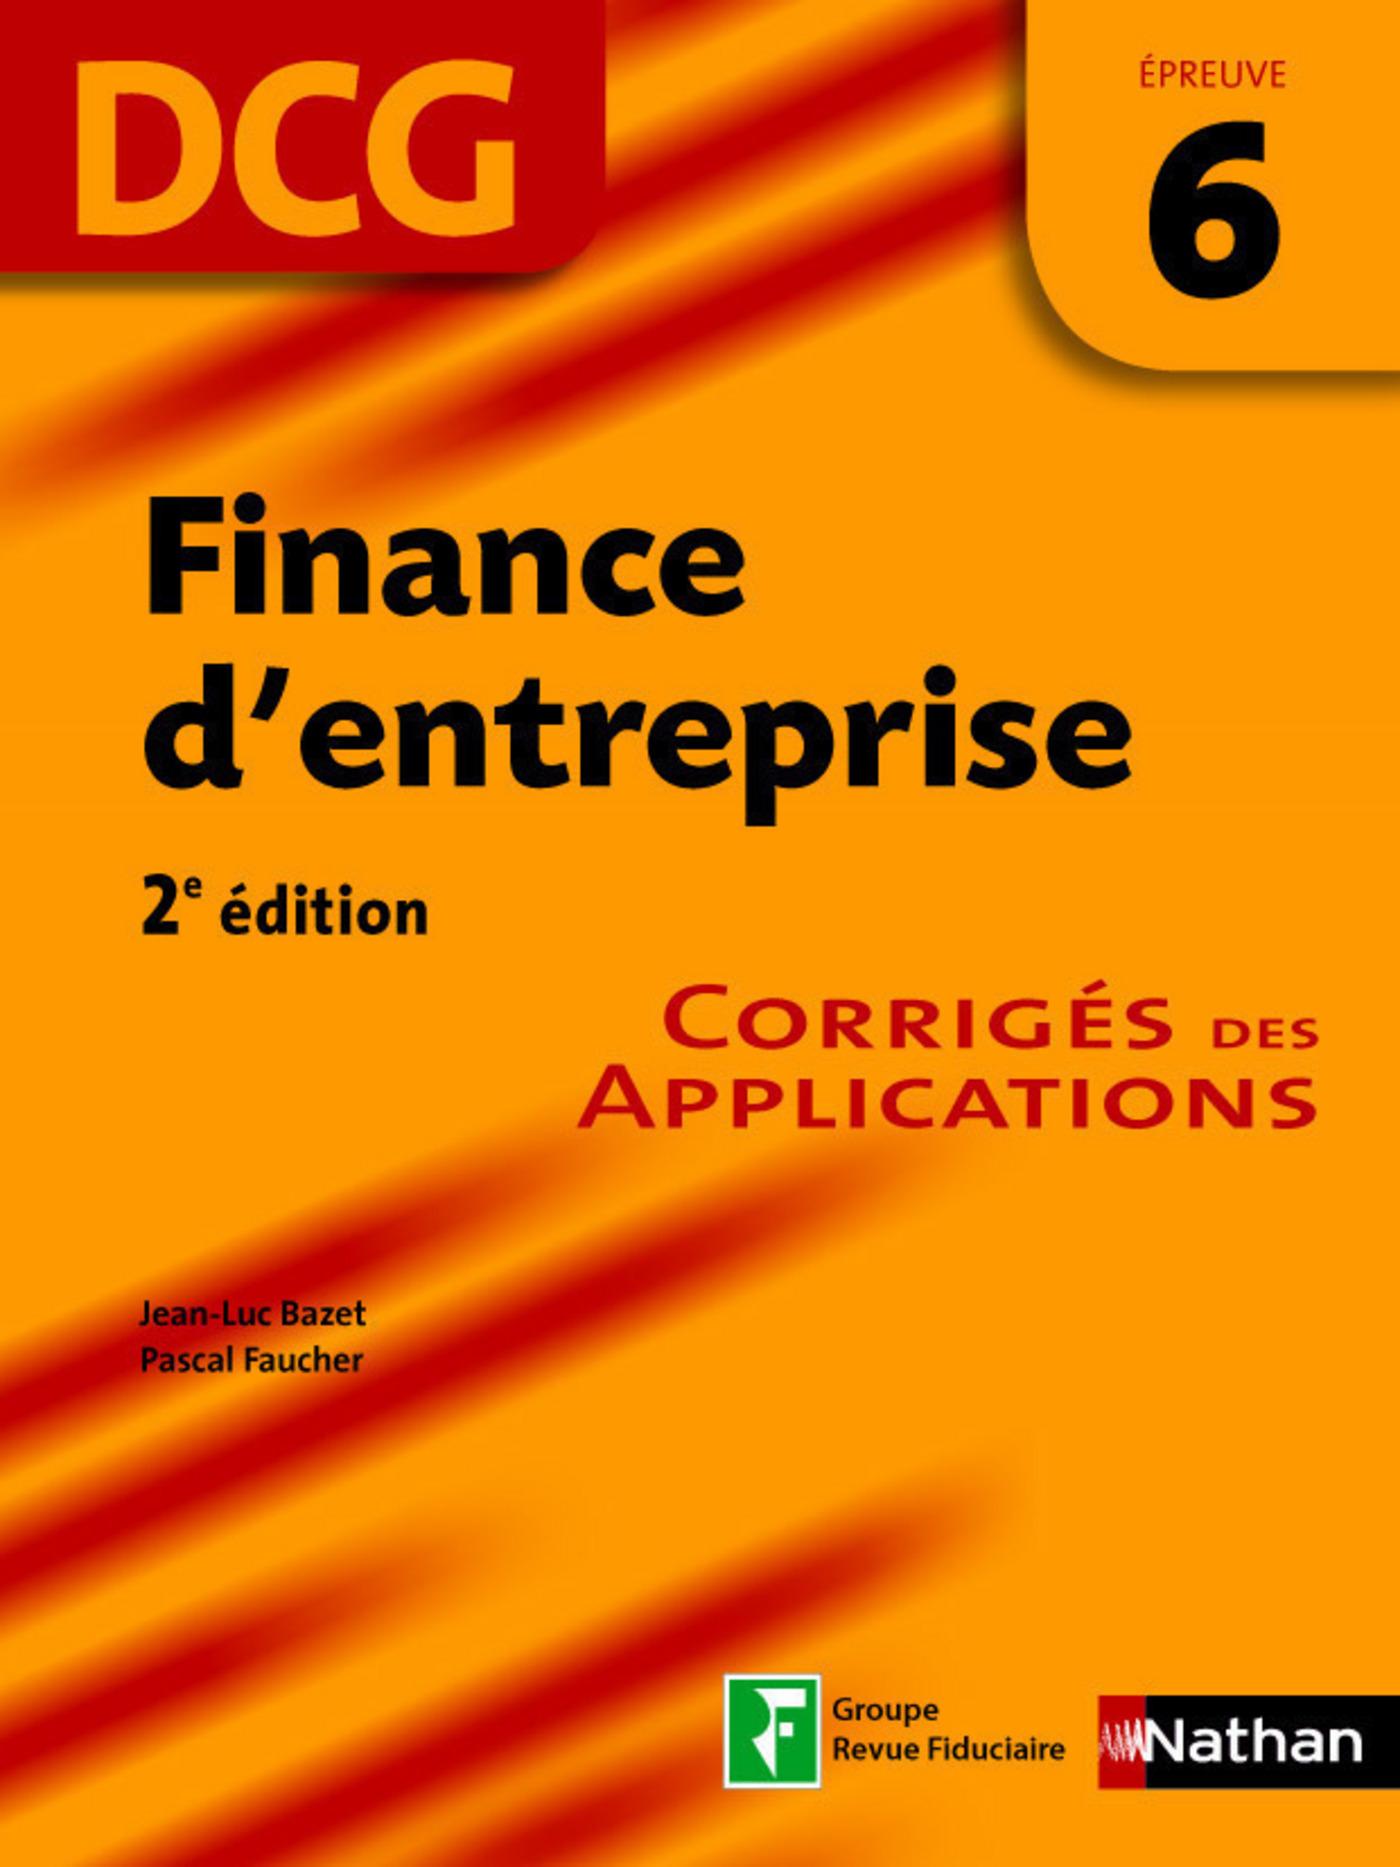 Finance d'entreprise - épreuve 6 - DCG corrigés